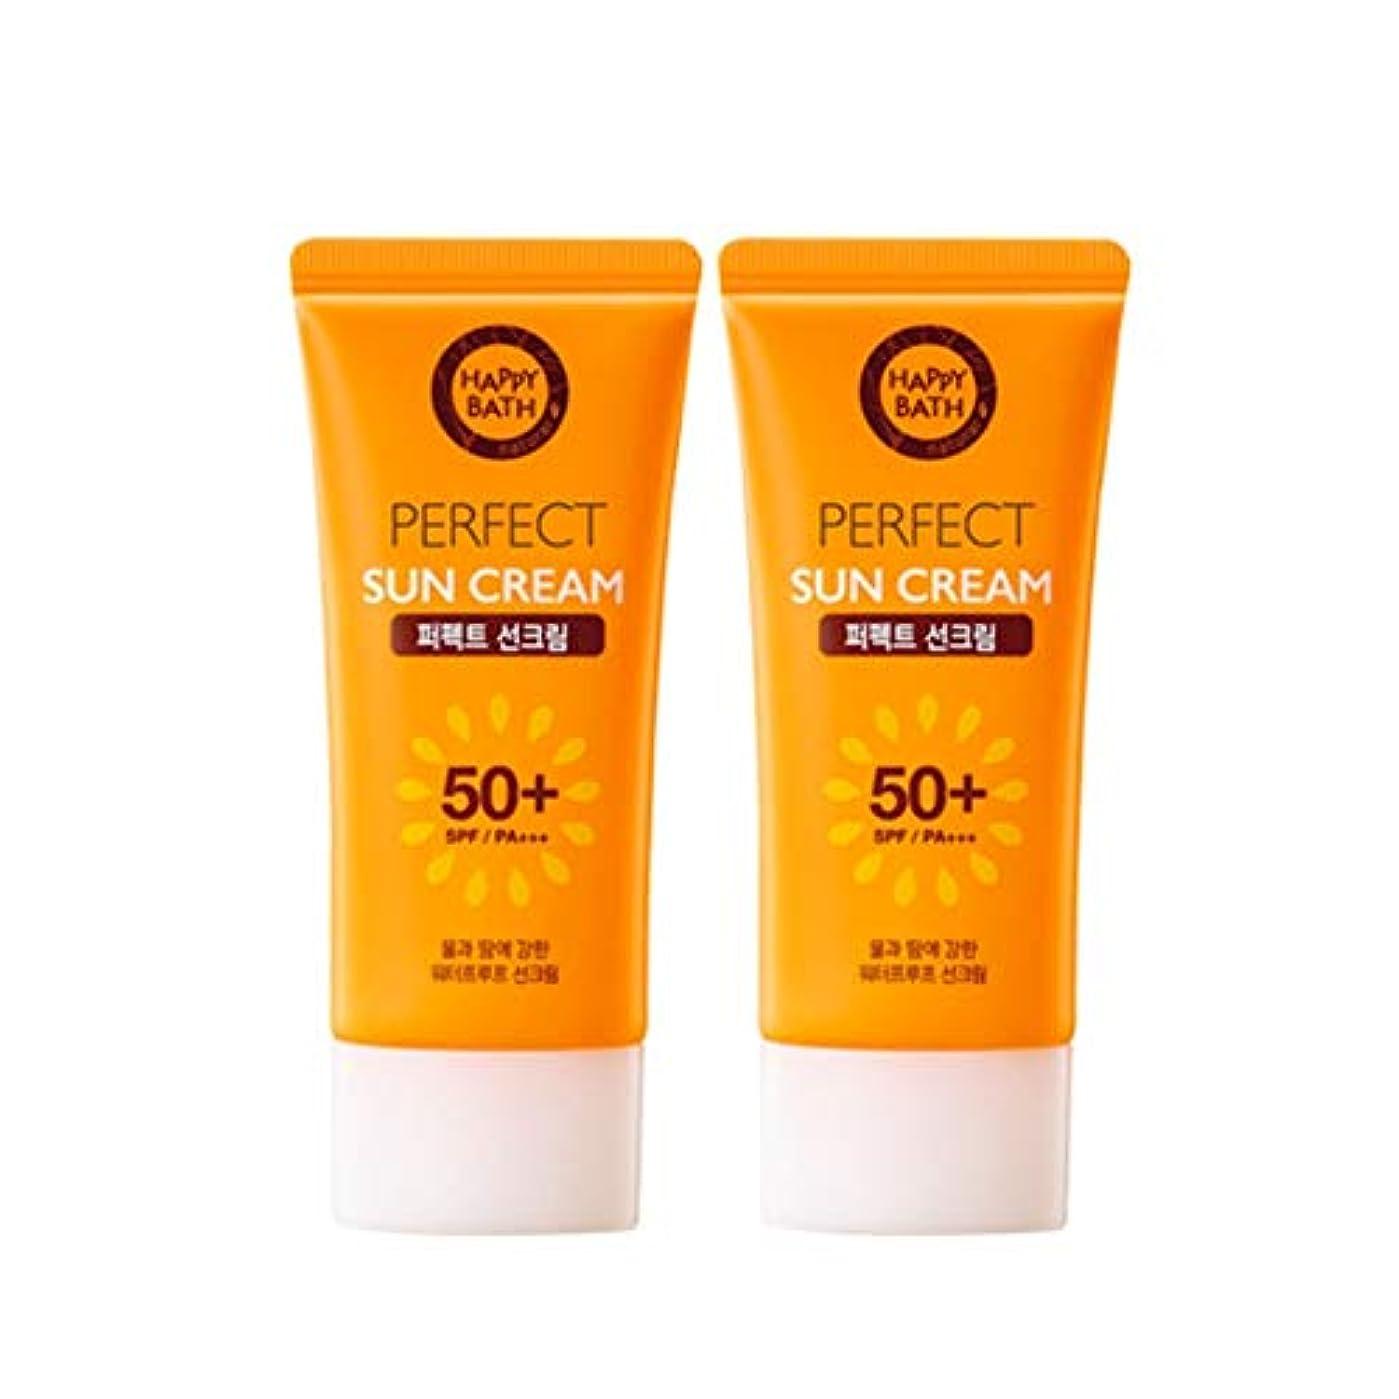 階段フラスコ相対的ハッピーバスパーフェクトサンクリーム 80gx2本セット韓国コスメ、Happy Bath Perfect Sun Cream 80g x 2ea Set Korean Cosmetics [並行輸入品]